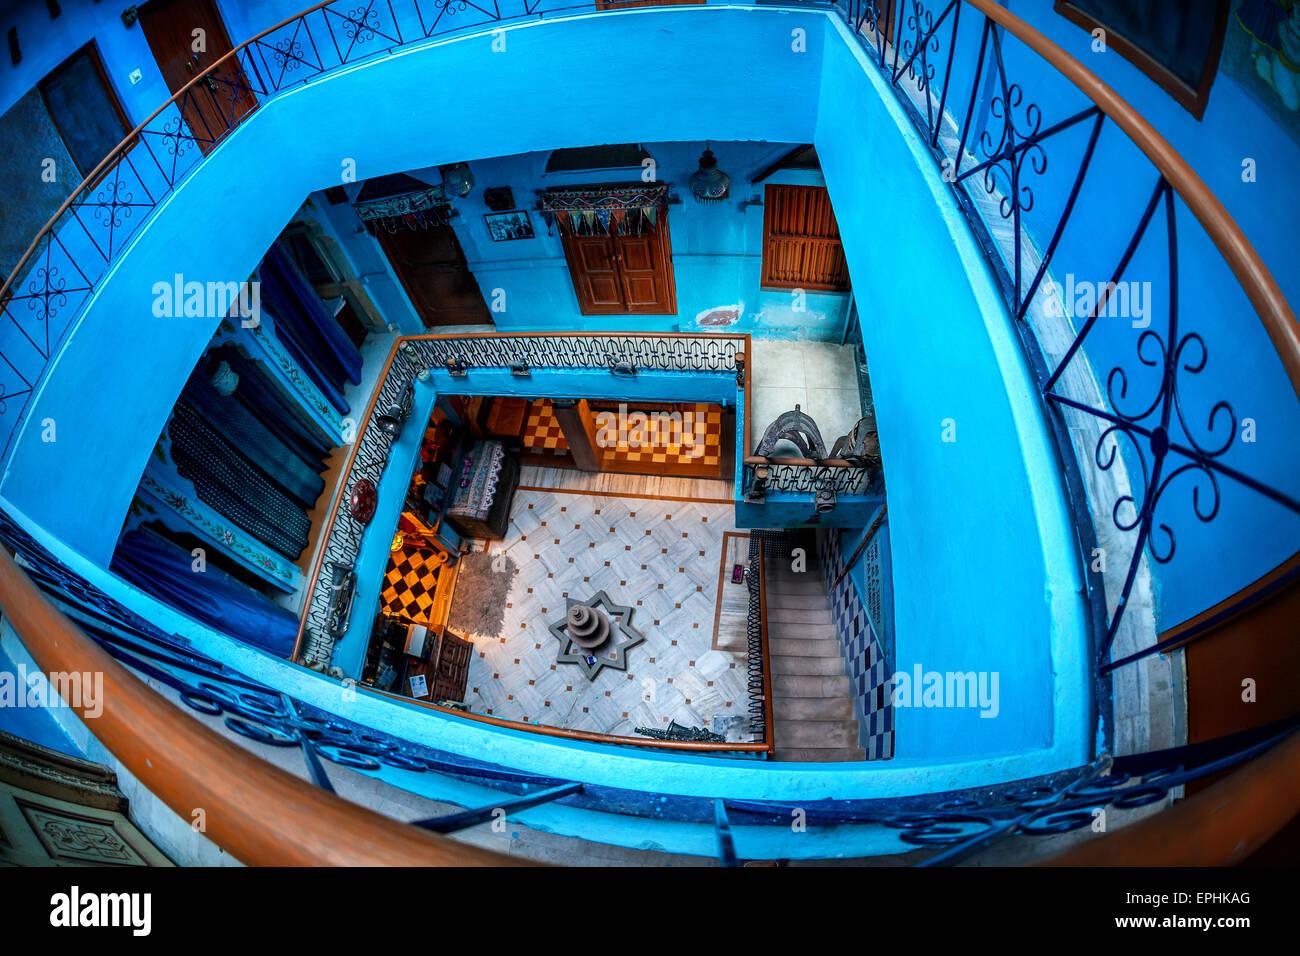 Hébergement en ville bleue de Jodhpur, Rajasthan, India Banque D'Images